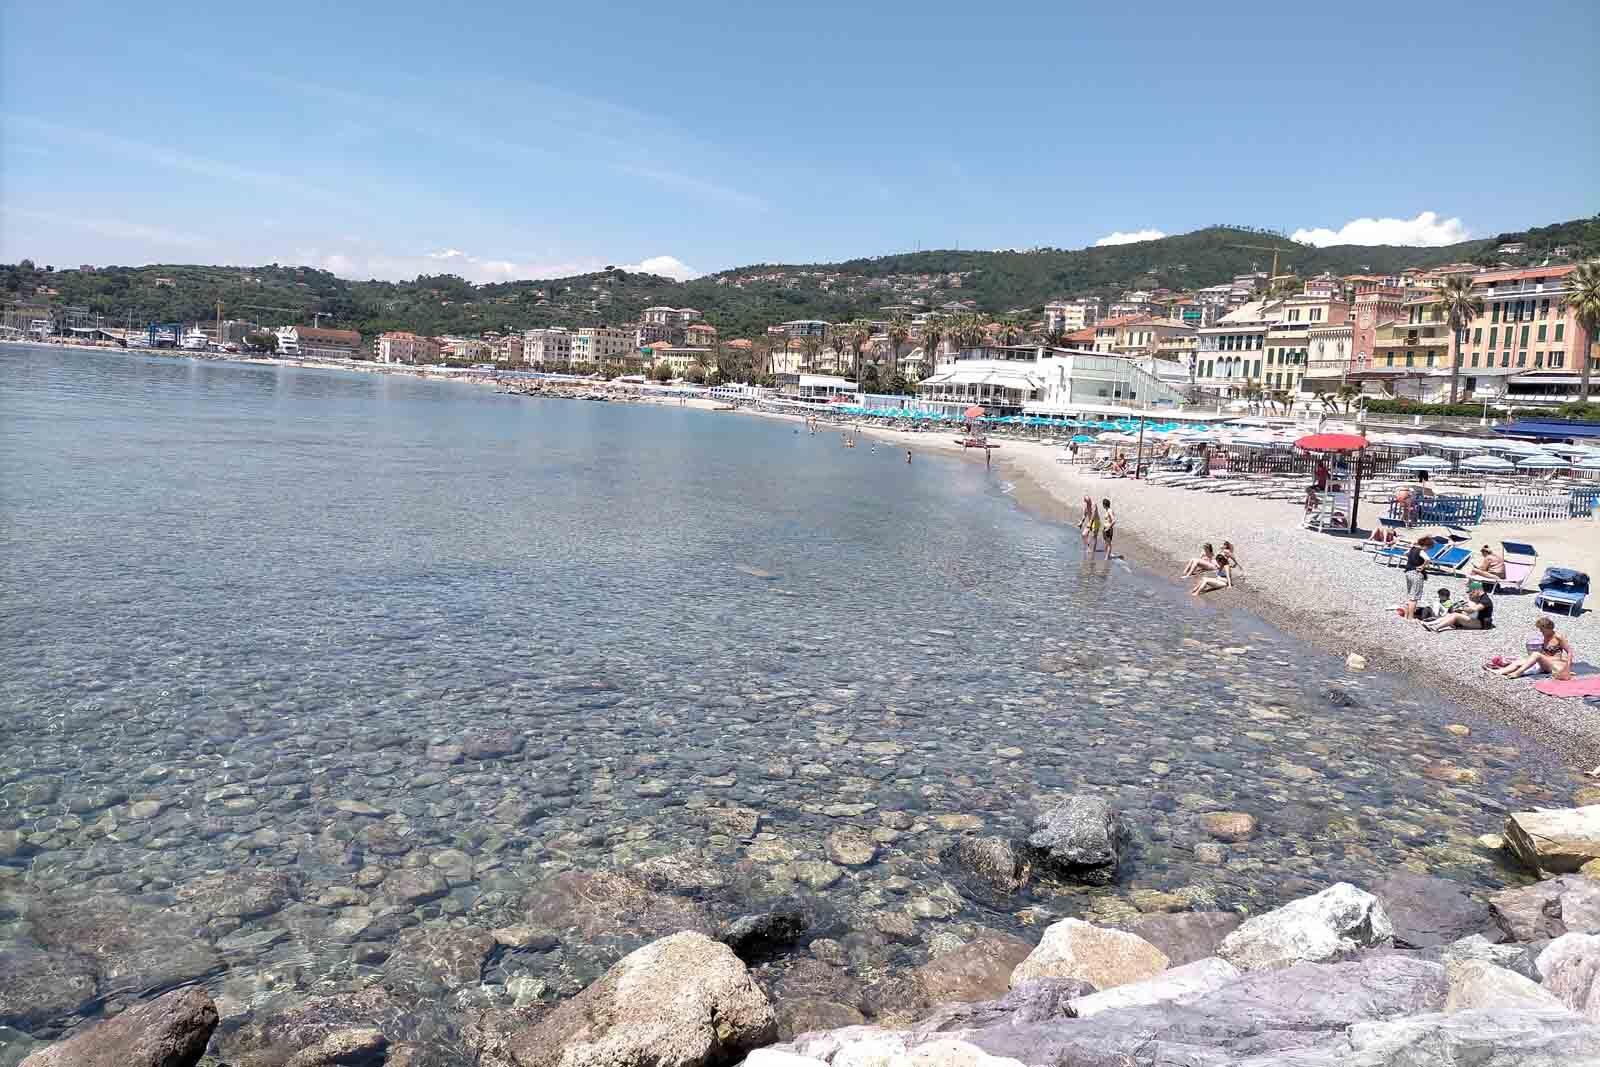 Dieses Bild hat ein leeres Alt-Attribut. Der Dateiname ist 039-Italien-2021-Varazze-promenade-beach-1600x1067.jpg